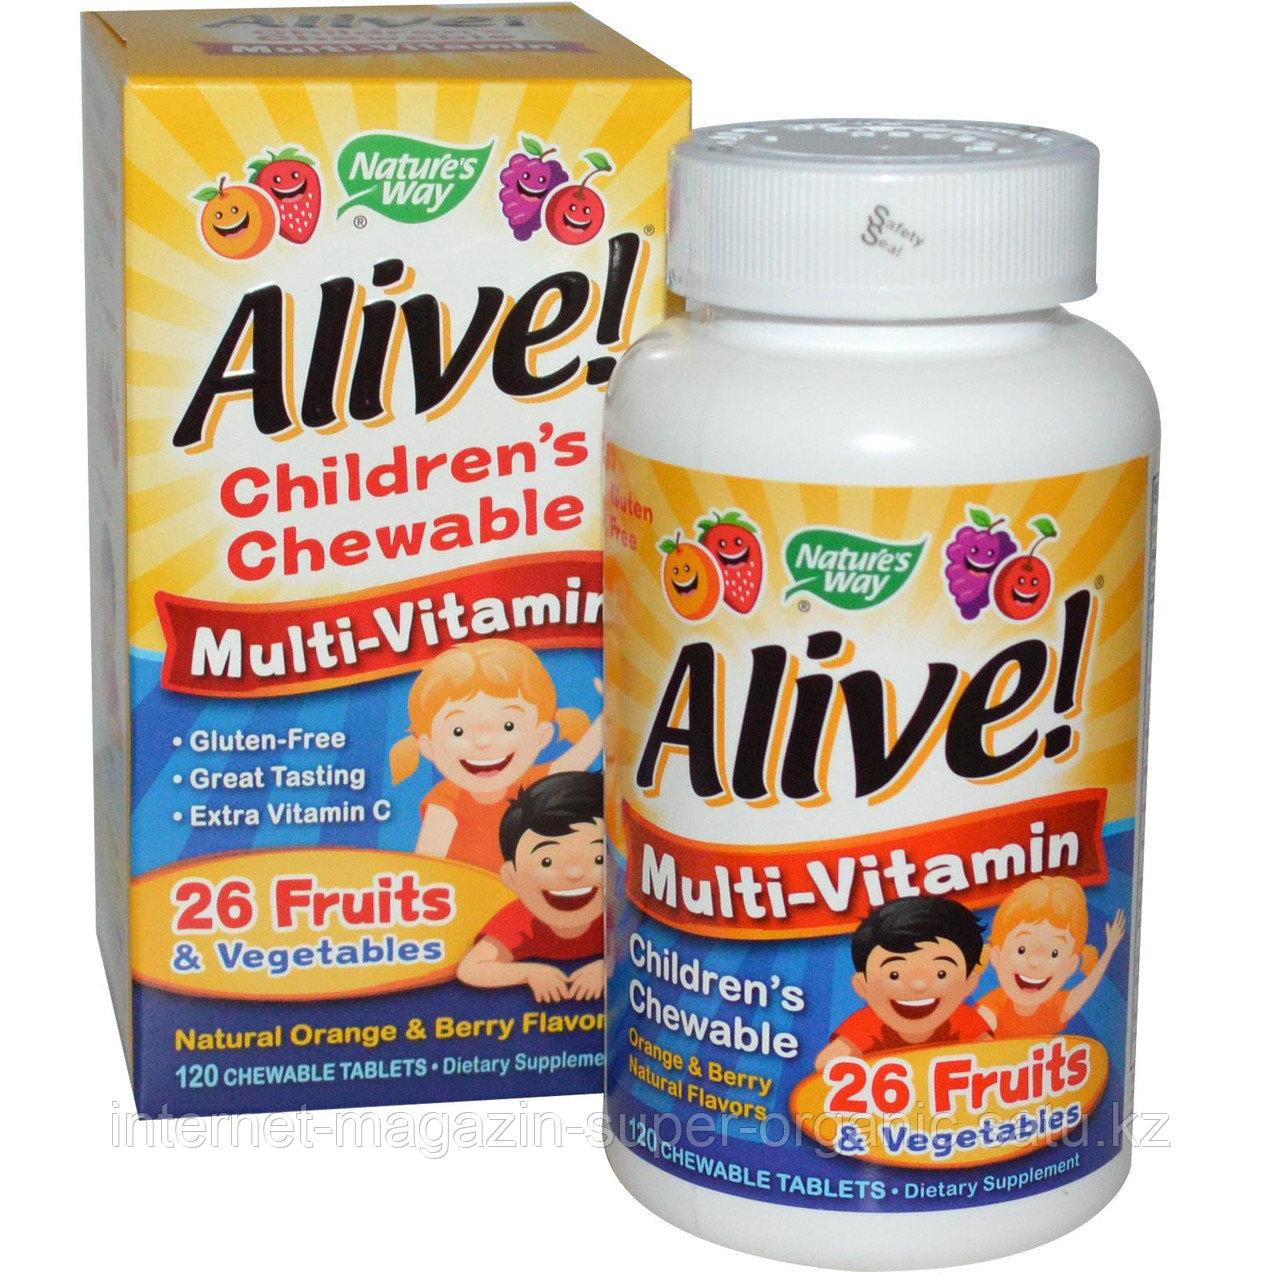 Детский мультивитамин со вкусом натуральных ягод и апельсинов, 120 жевательных таблеток